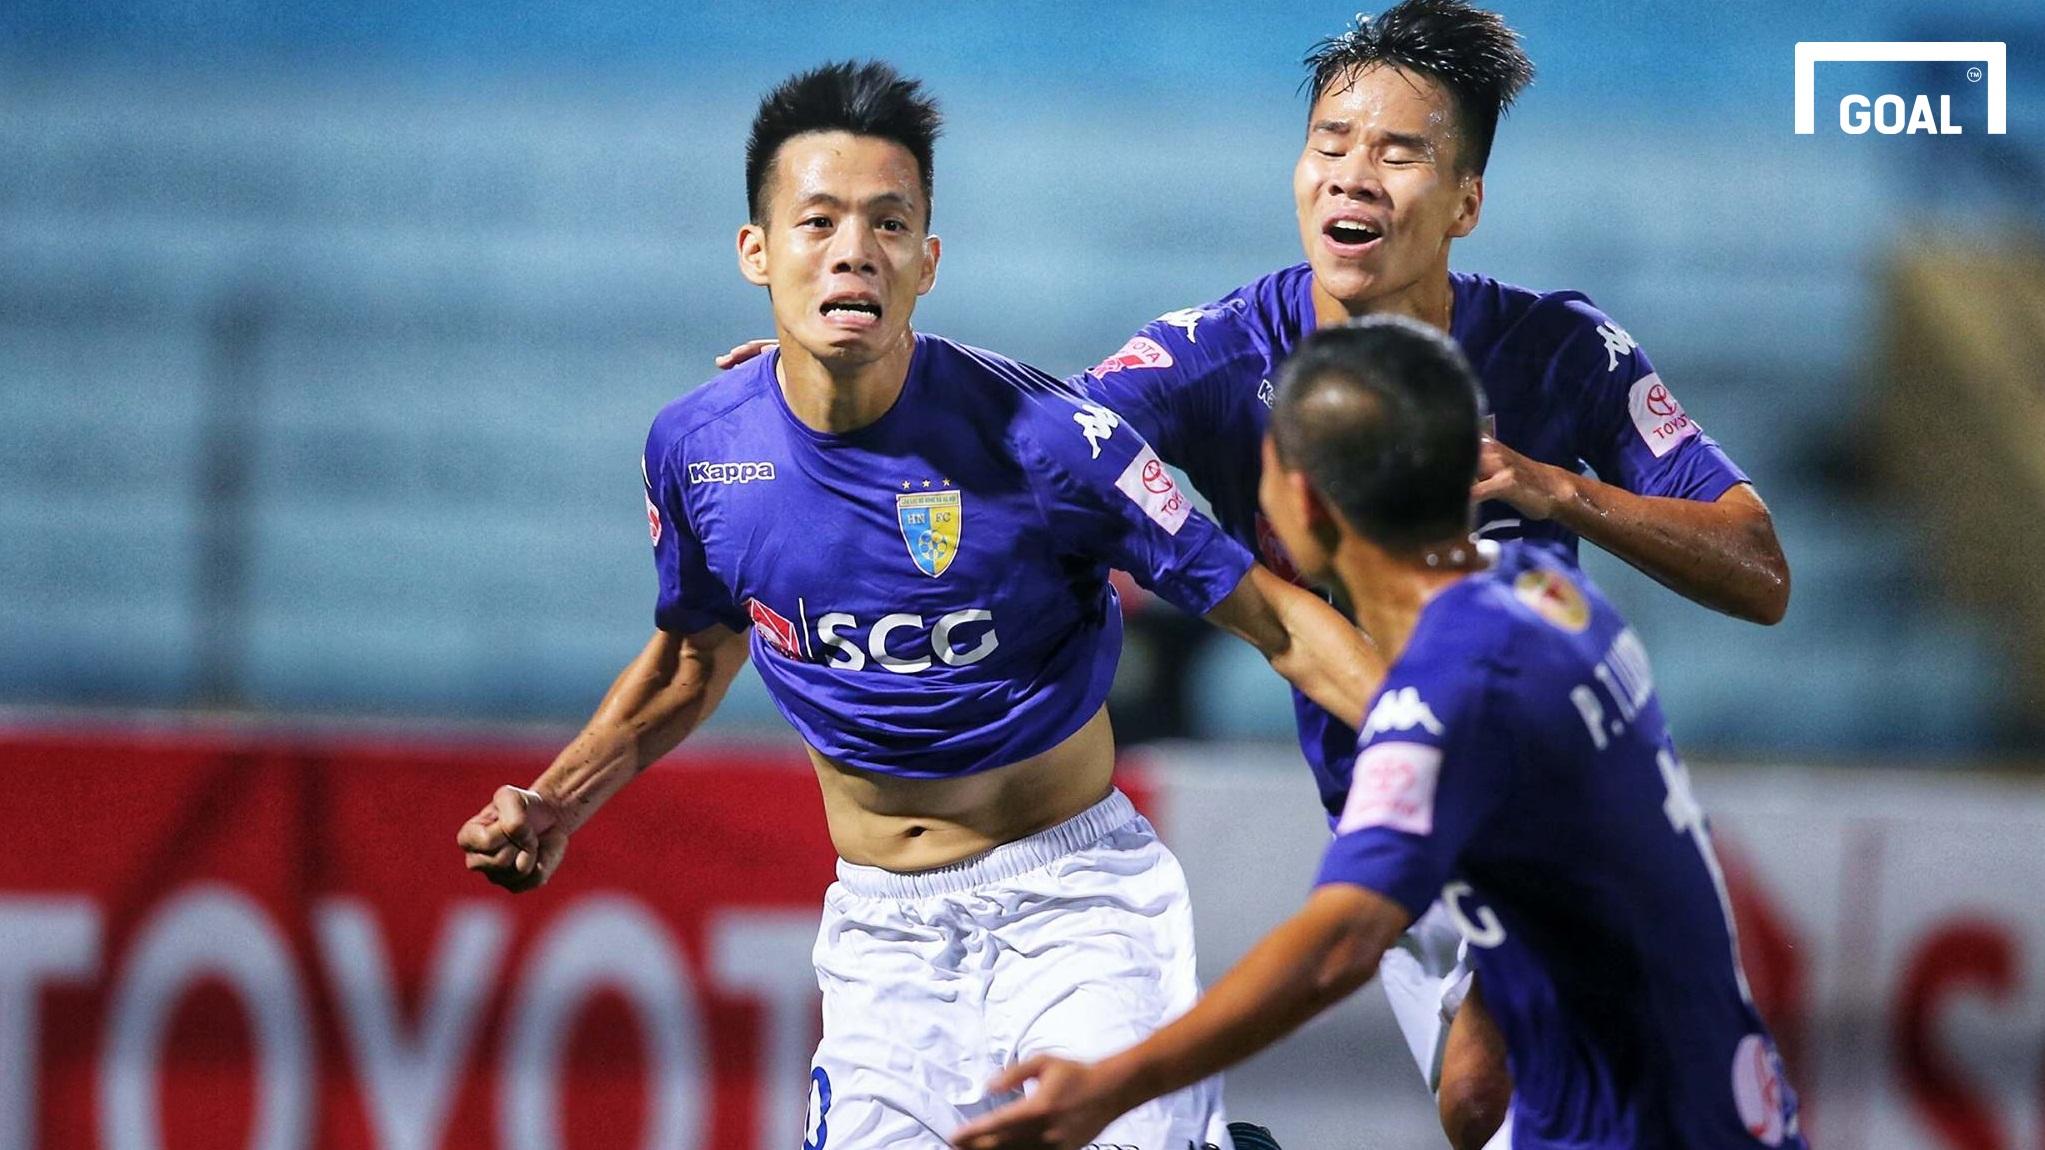 Hà Nội Fc: Sự 'đáng Sợ' Của Hệ Thống đào Tạo Trẻ Hà Nội FC